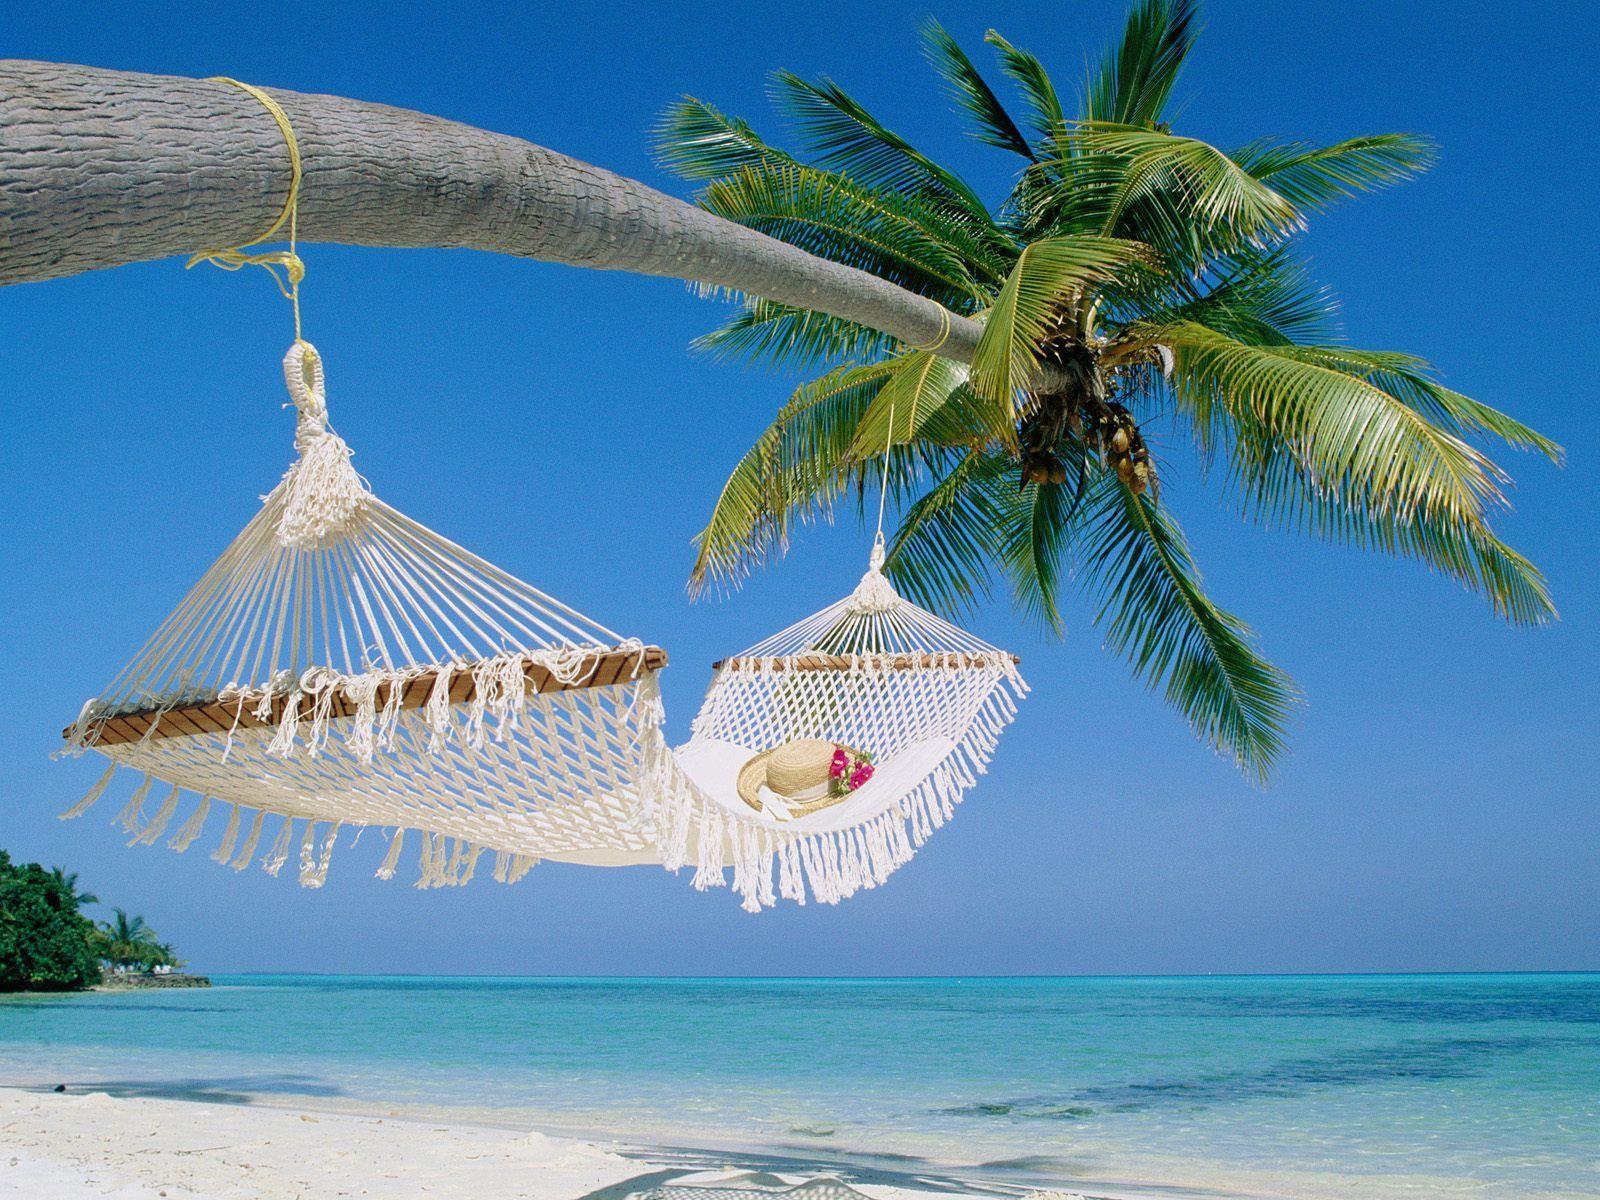 Quick tips to select Maldives resorts